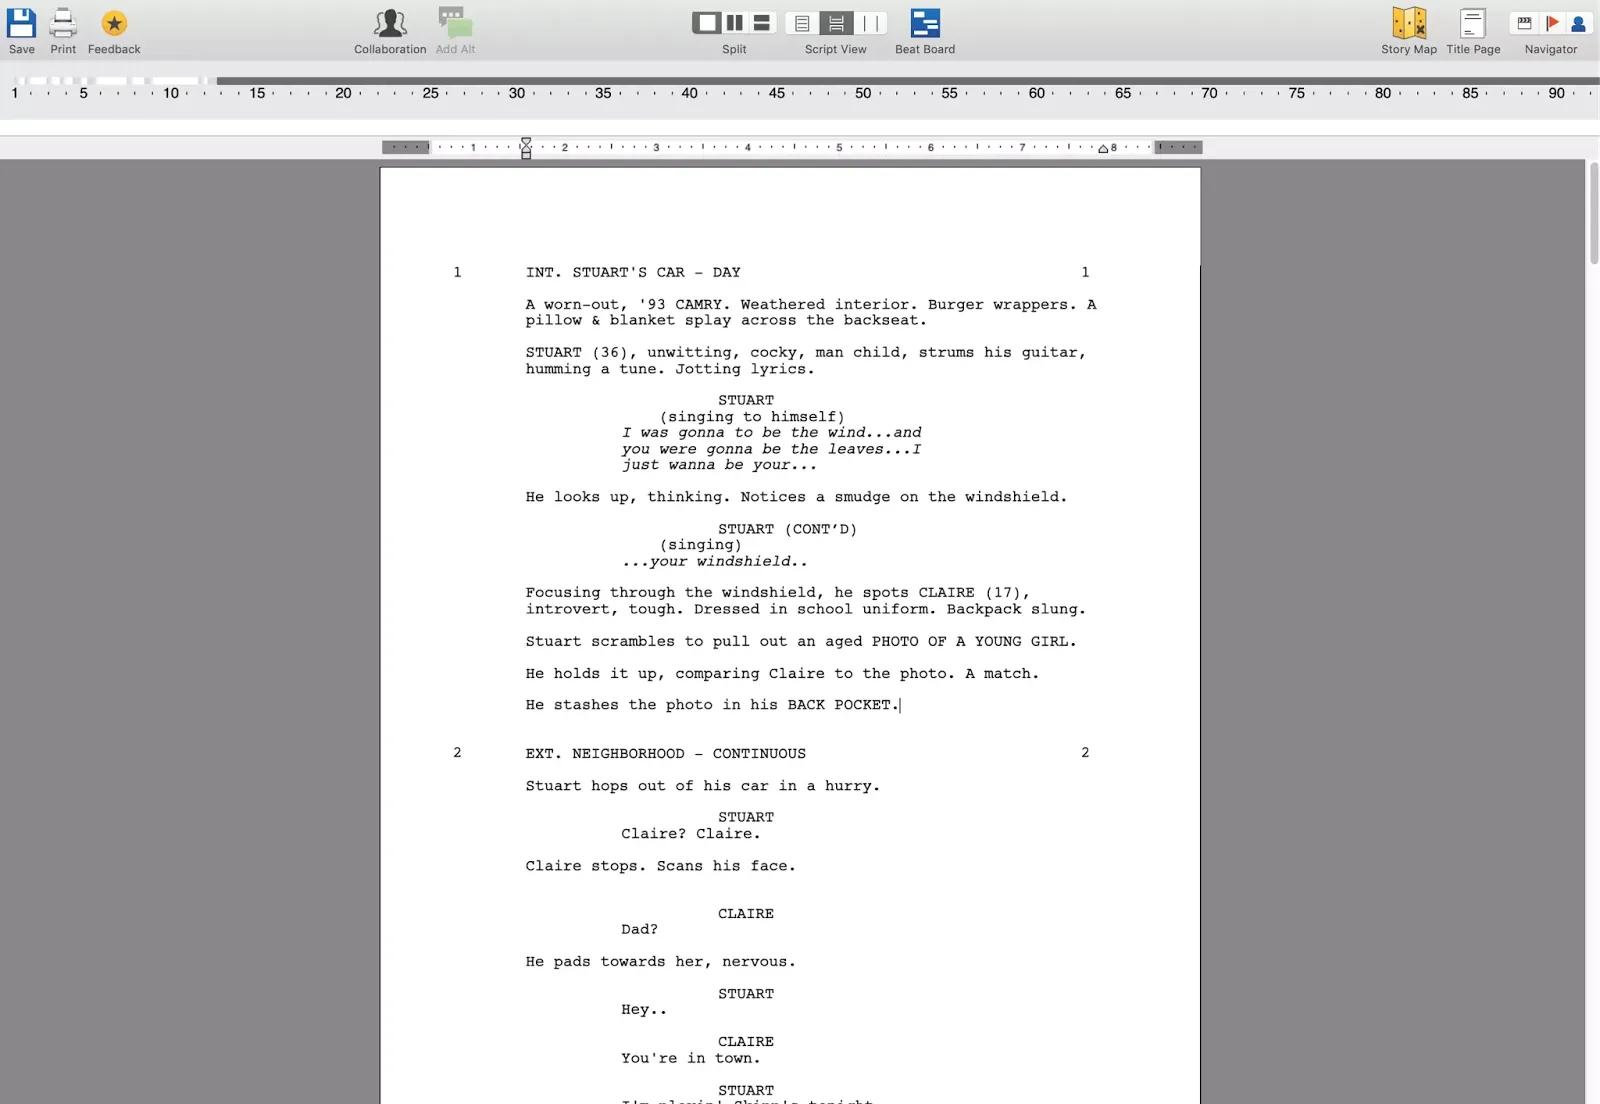 تحميل برنامج Final Draft 11.1.3 Build 83 لكتابة وتنسيق عروض الشاشة بتنسيق سيناريو قياسي